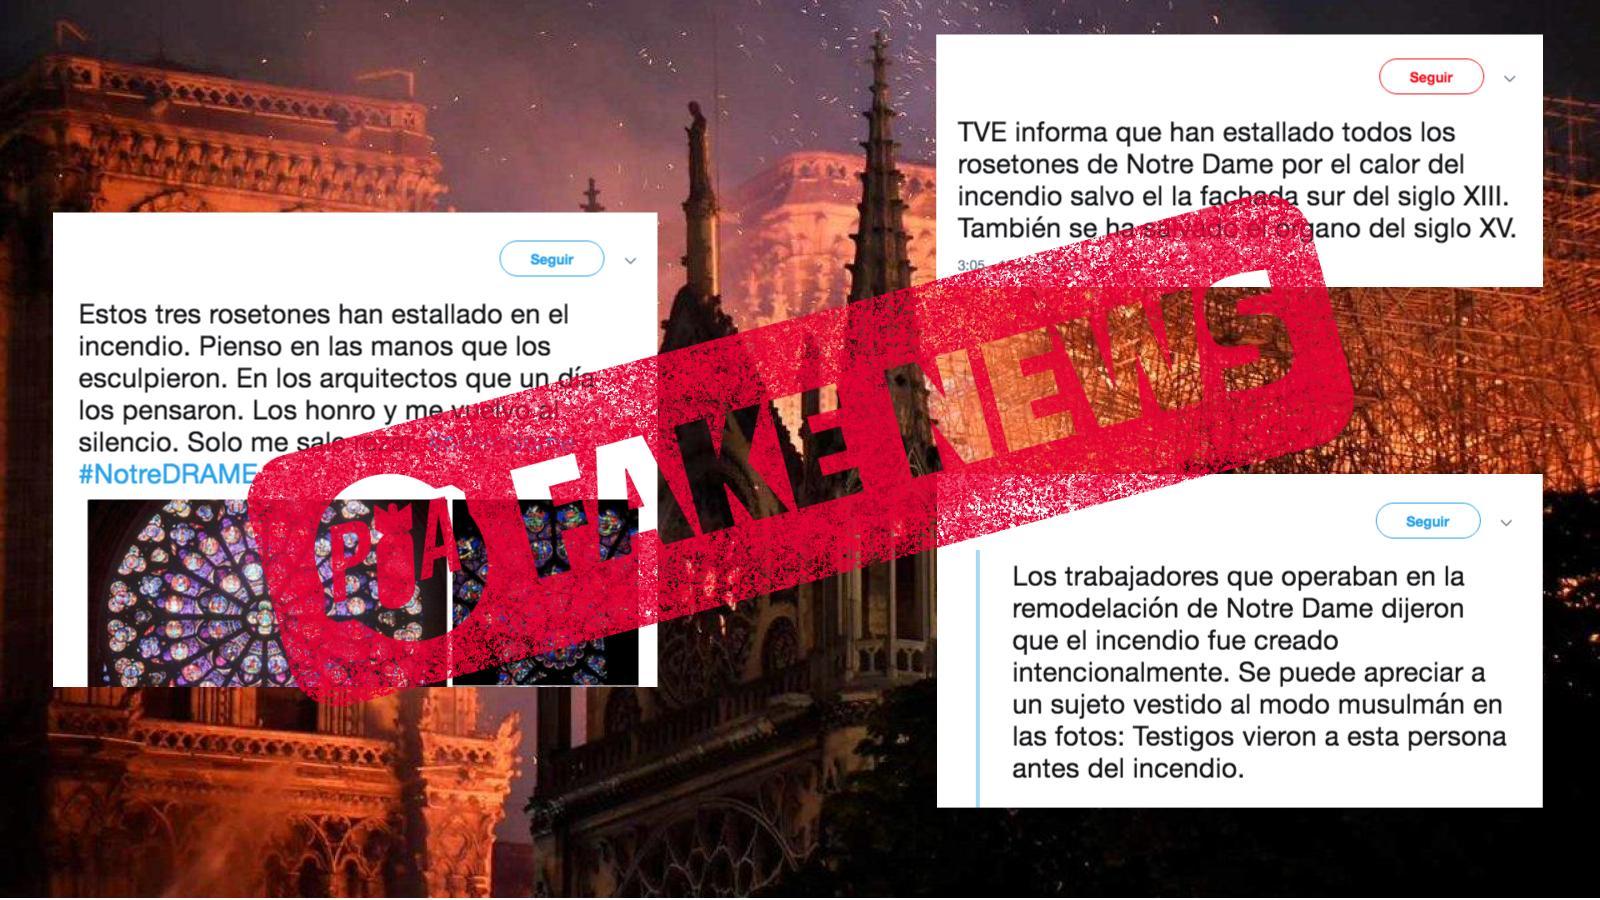 Fake News sobre incendio de Notre Dame